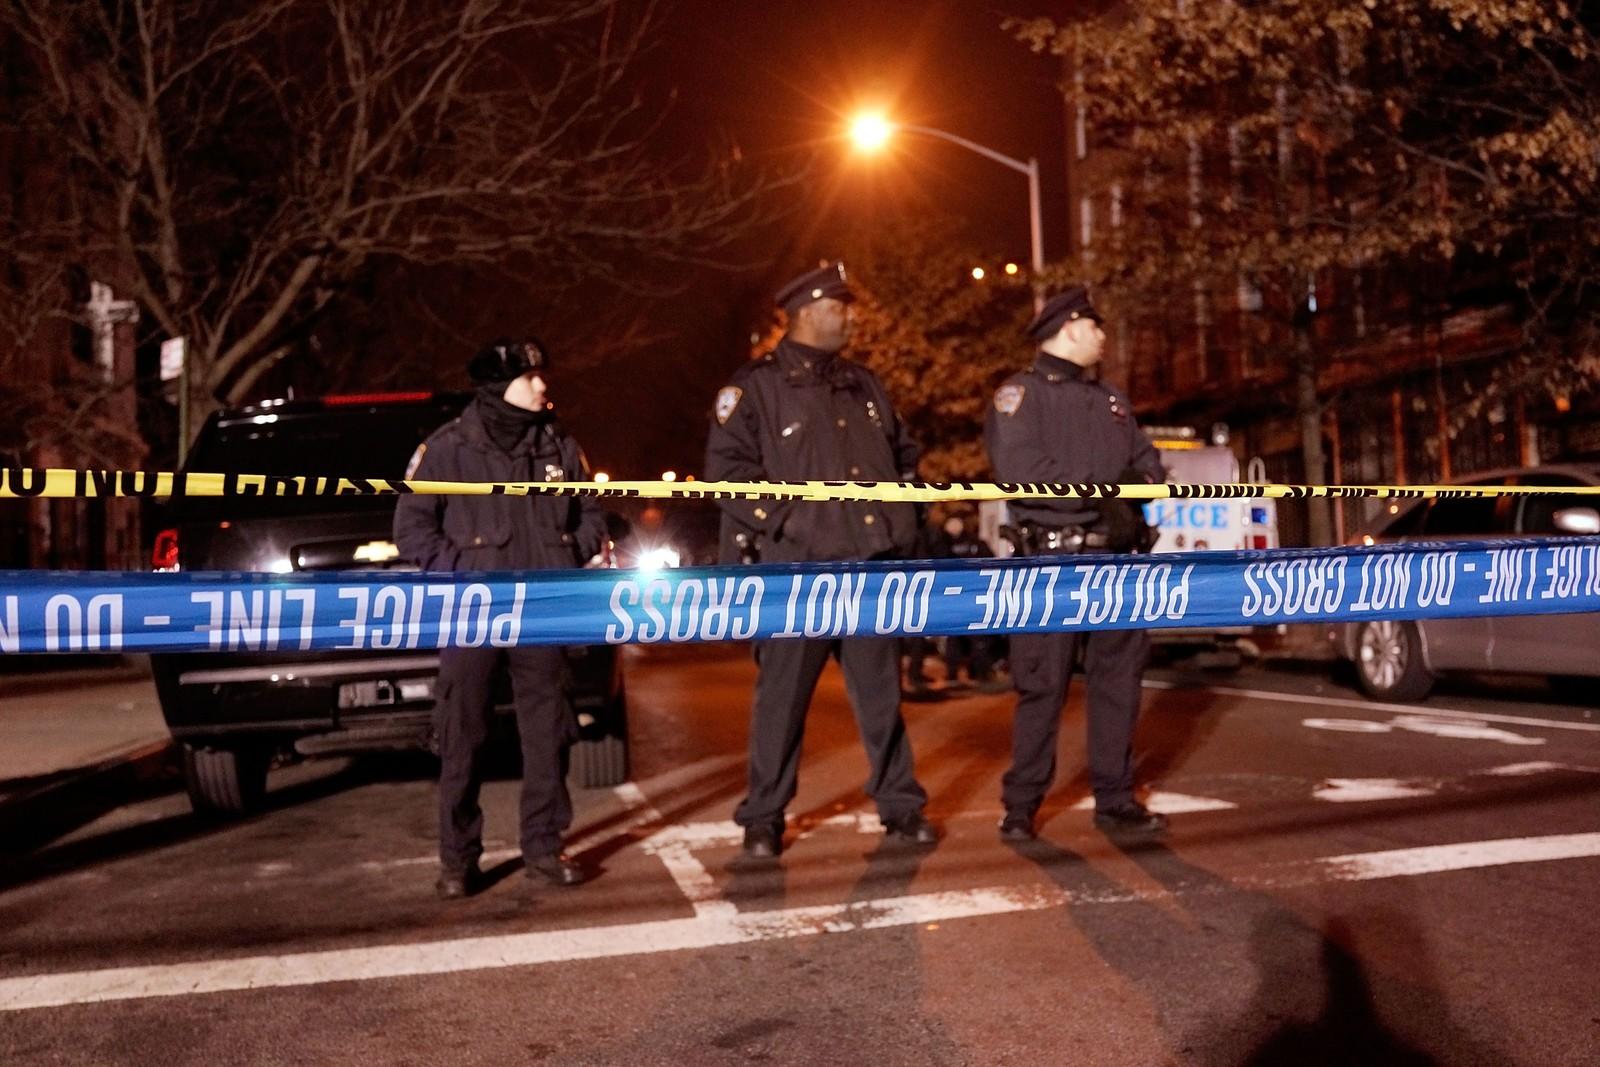 De to politimennene ble skutt og drept mens de satt i patruljebilen sin i Brooklyn i New York i 2.50-tiden (20.50-tiden norsk tid).